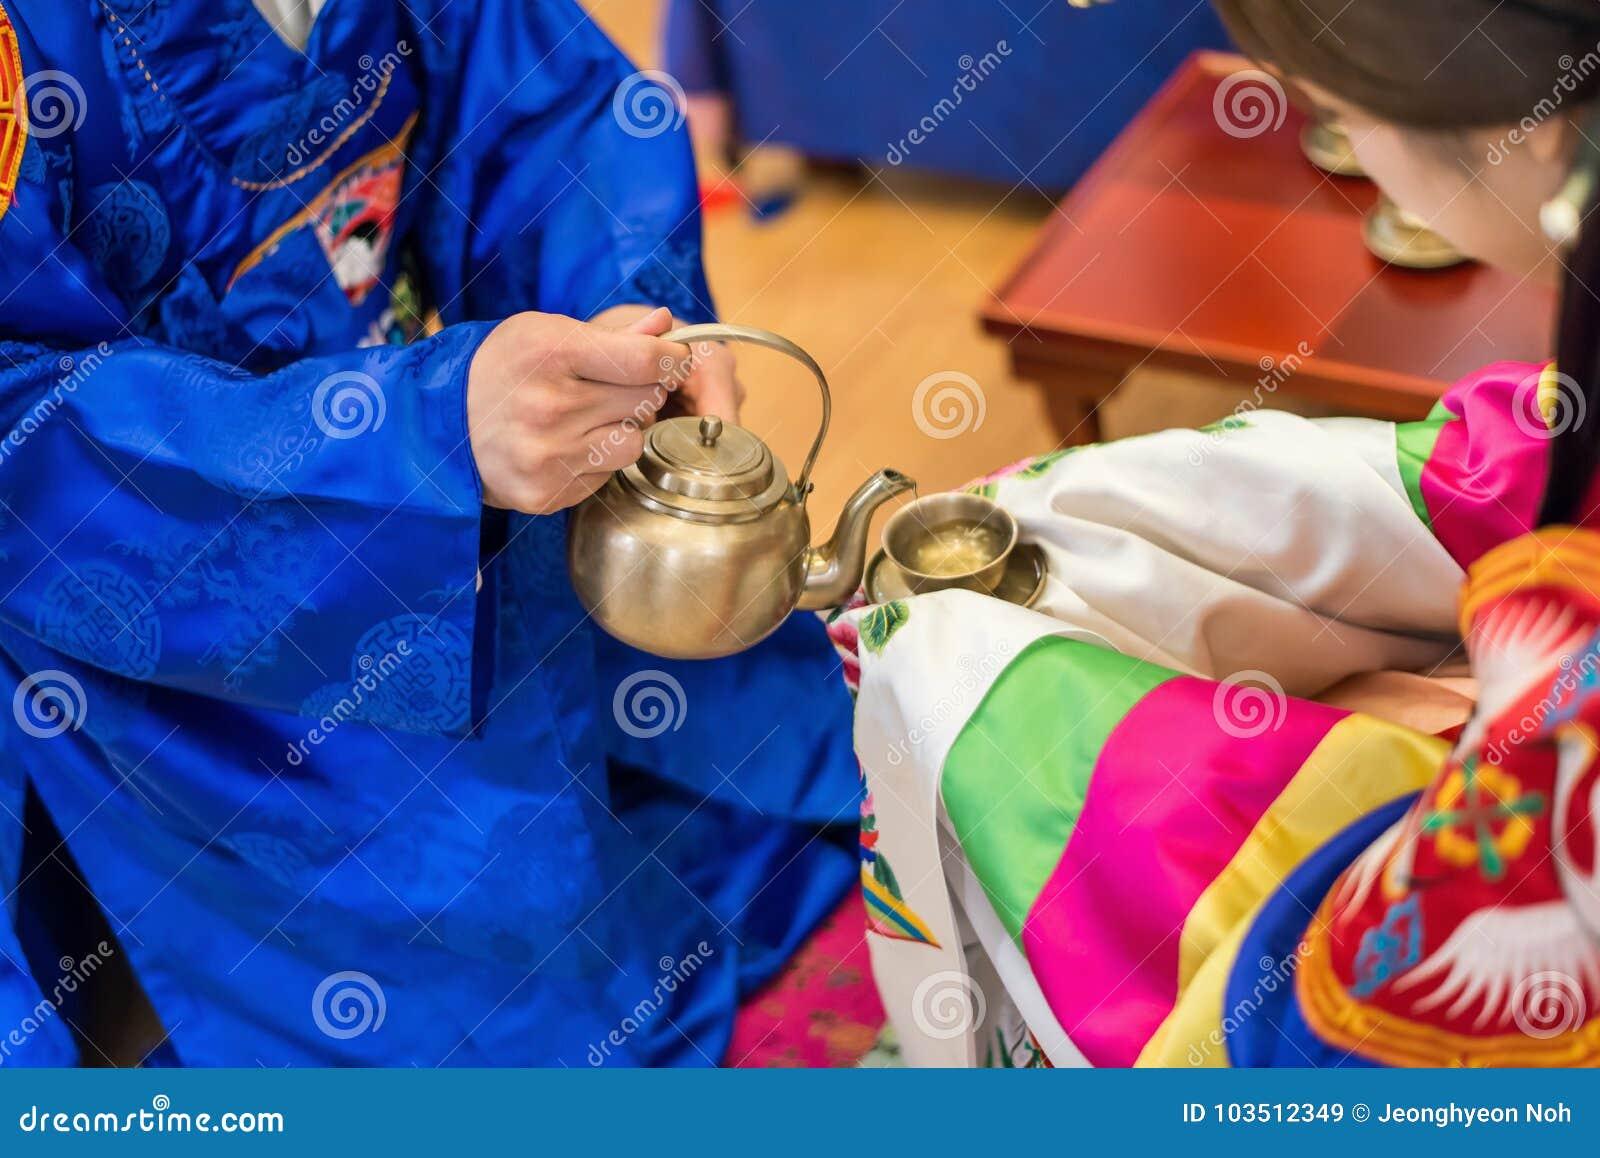 Traditionelle Hochzeit in Korea Hände des Bräutigams